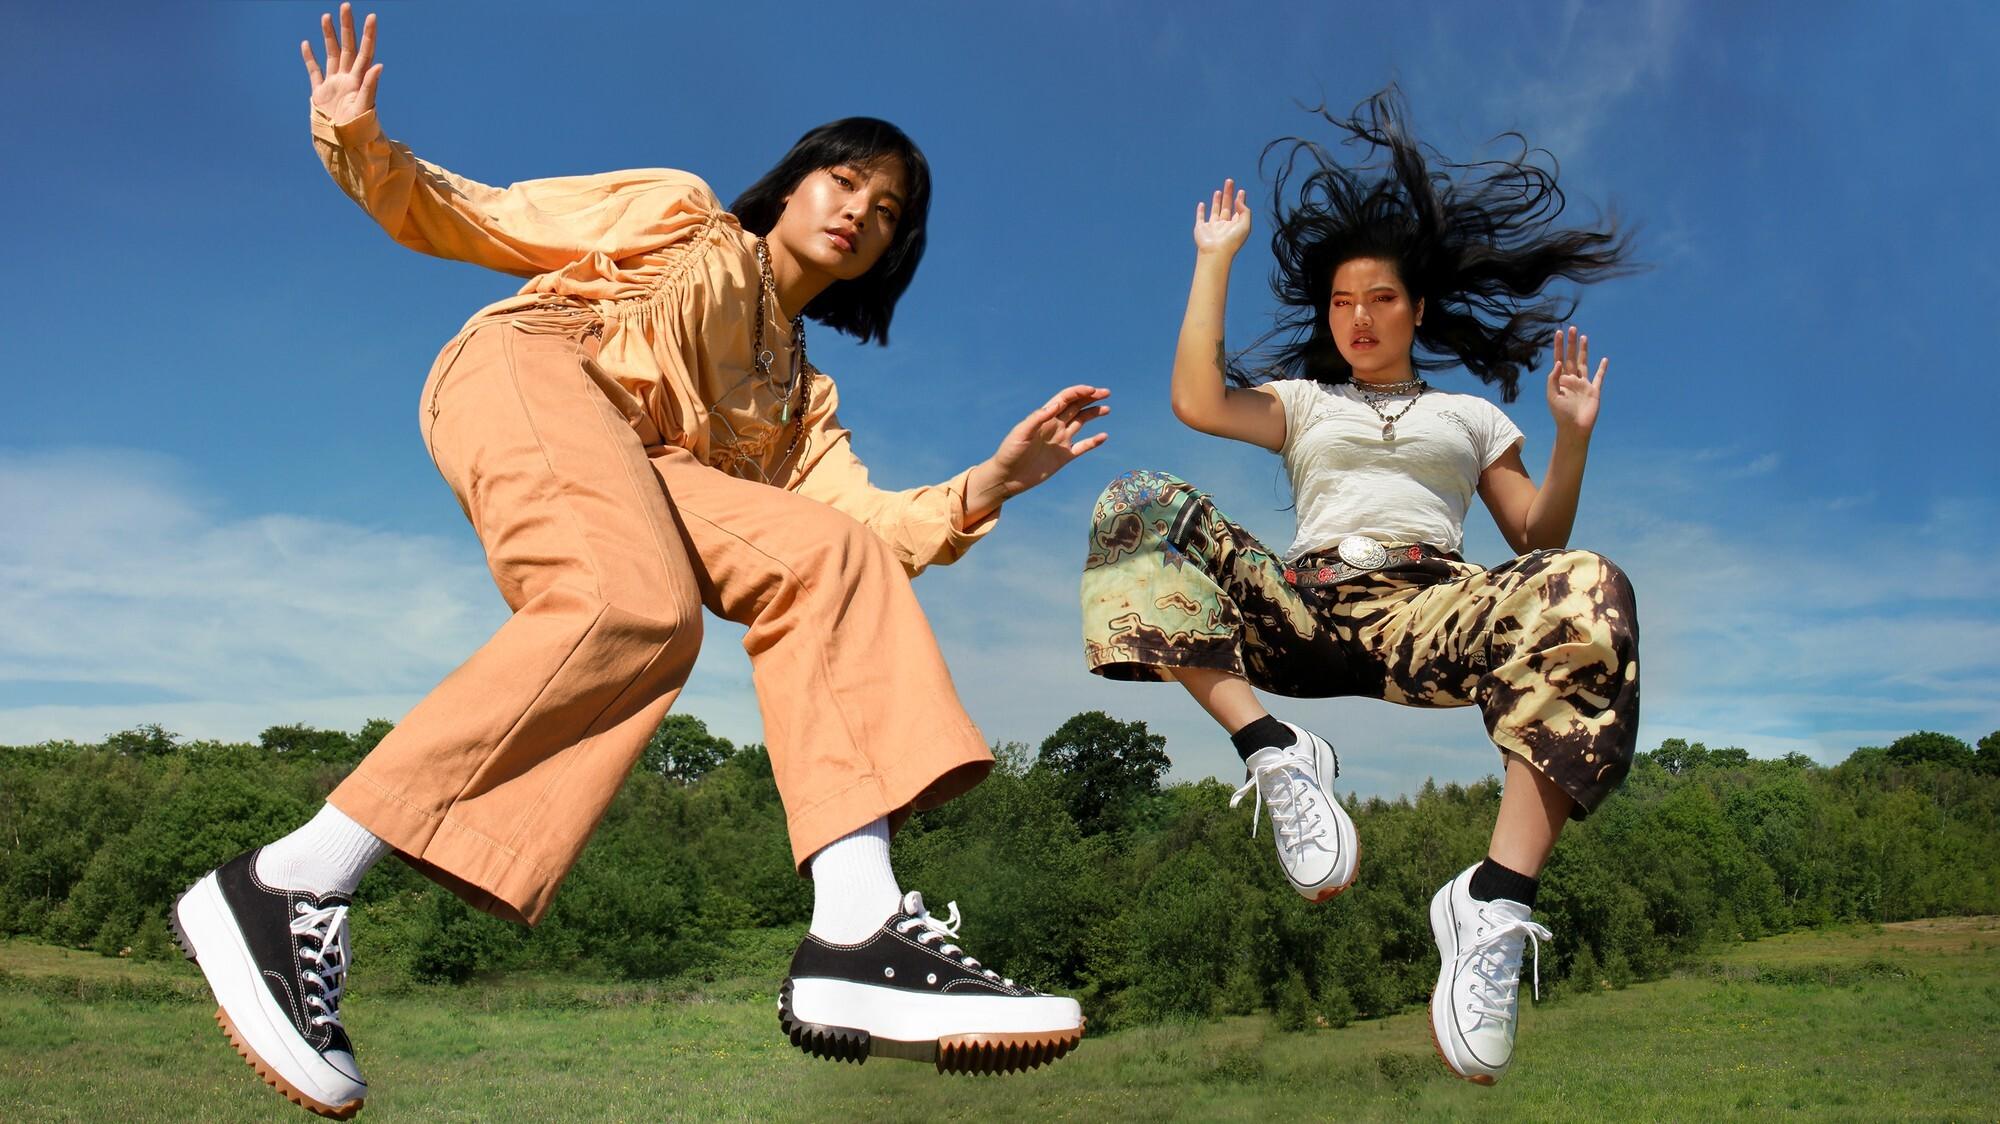 hai cô gái mang giày converse run star hike đang nhảy